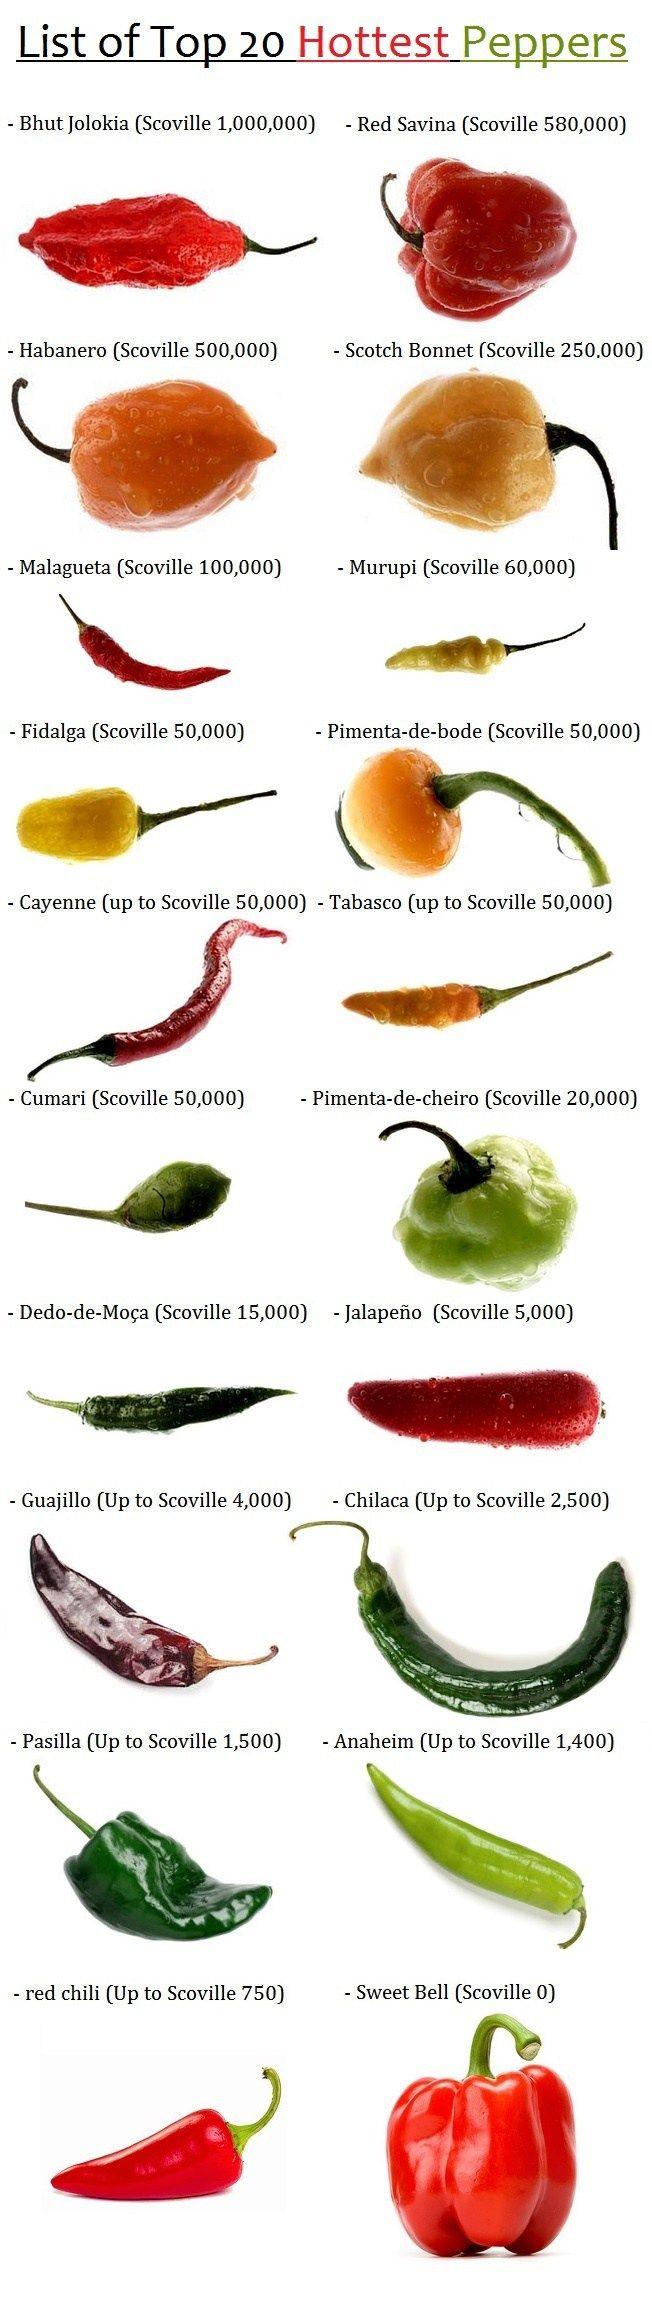 Peppers by Heat Scale : Bhut Jolokia (Scoville 1,000,000) Red Savina (up to Scoville 580,000) Habanero (Scoville 500,000) Scotch Bonnet (Scoville 250,000) Malagueta (Scoville 100,000) Murupi (Scovi…